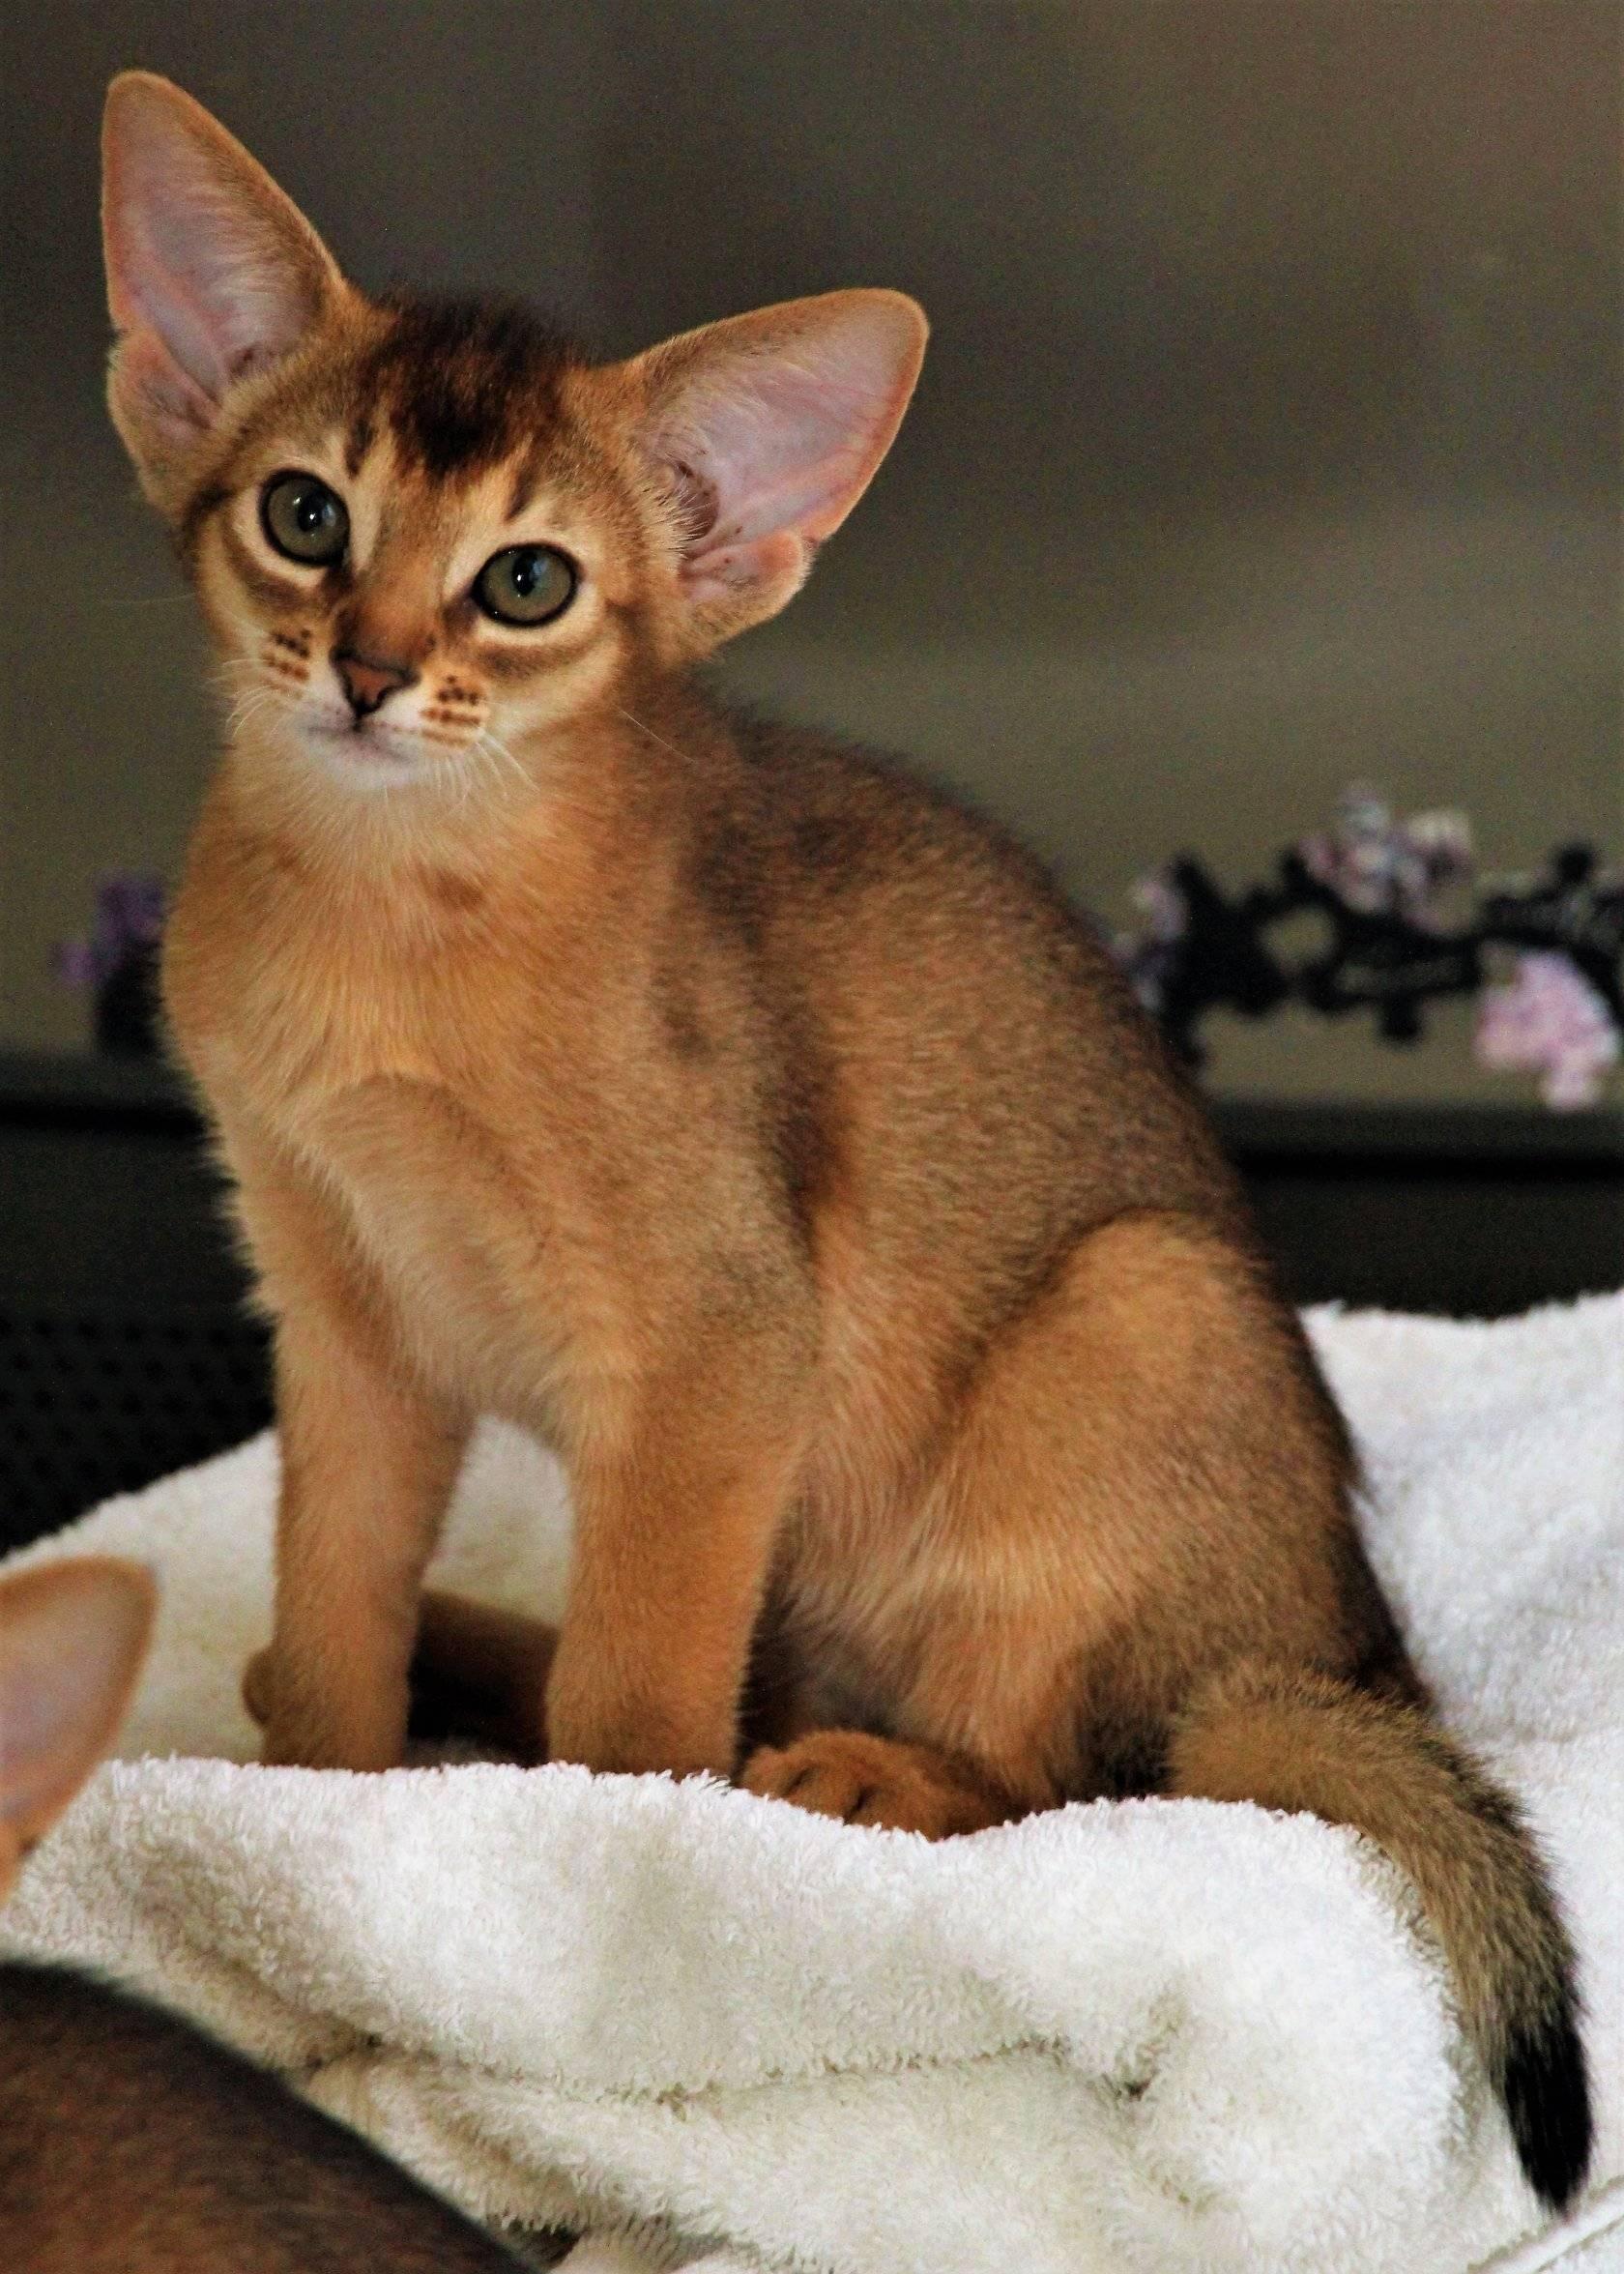 Самые добрые и ласковые породы кошек: преимущества и недостатки таких животных, особенности выбора питомца, фотографии